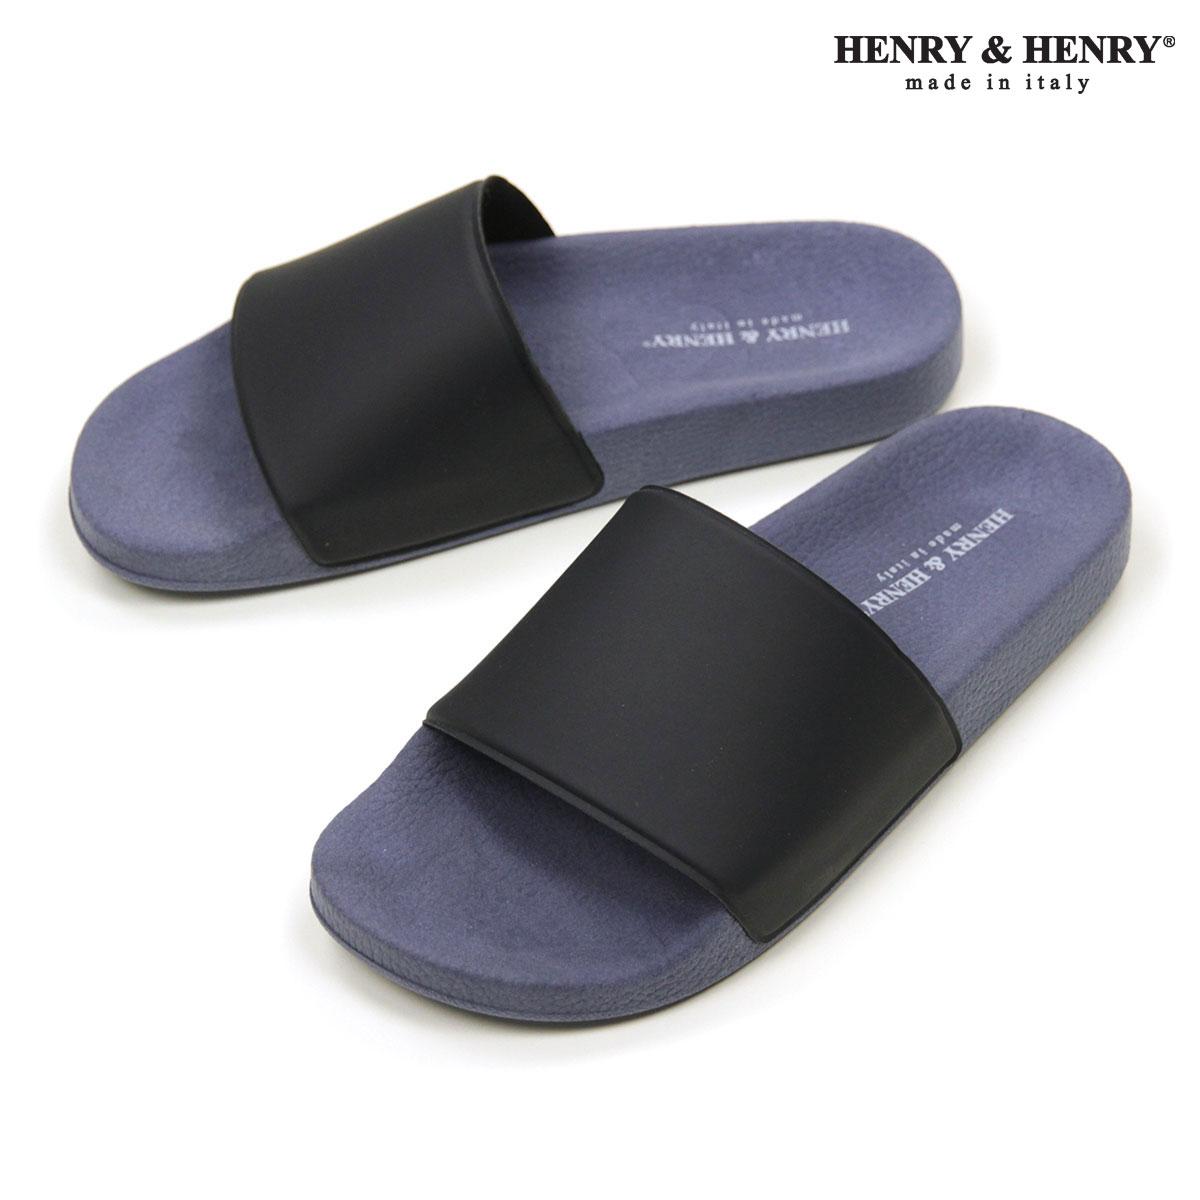 ヘンリーアンドヘンリー HENRY&HENRY 正規販売店 サンダル 180 SHOWER SANDAL NAVY 28 A66B B3C C4D D3E E06F